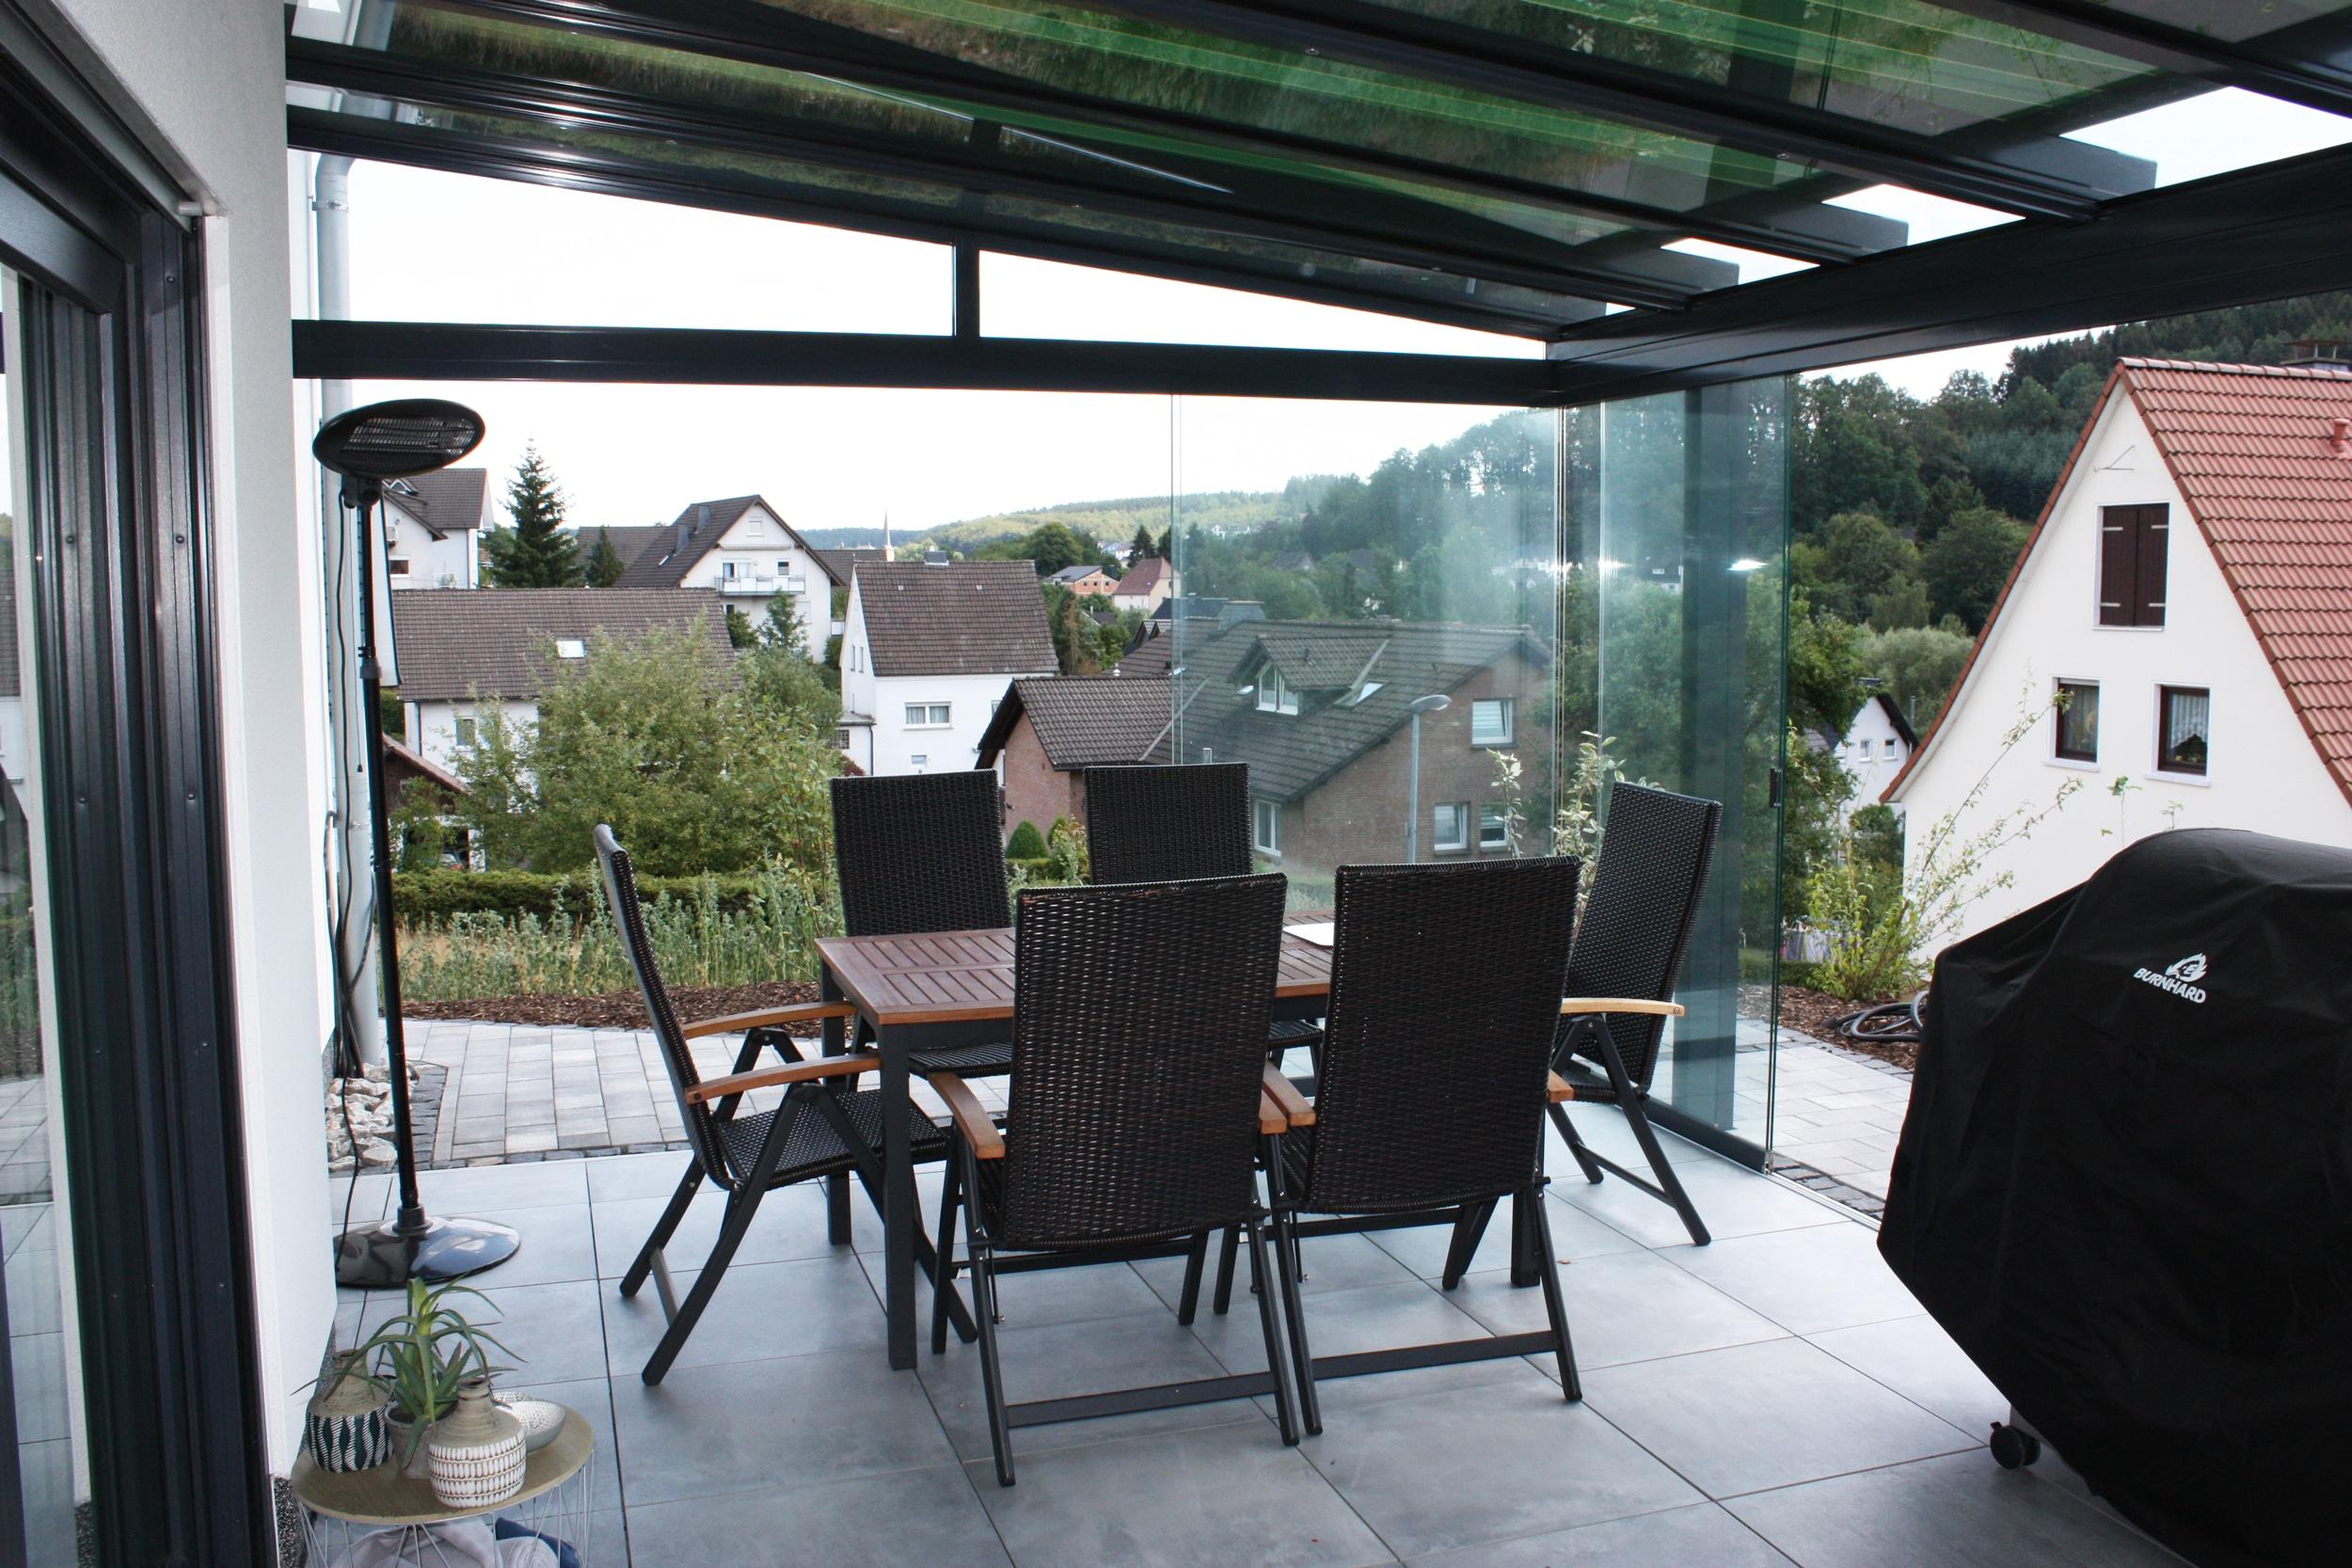 Wintergarten nicht isoliert mit Glasschiebetüren